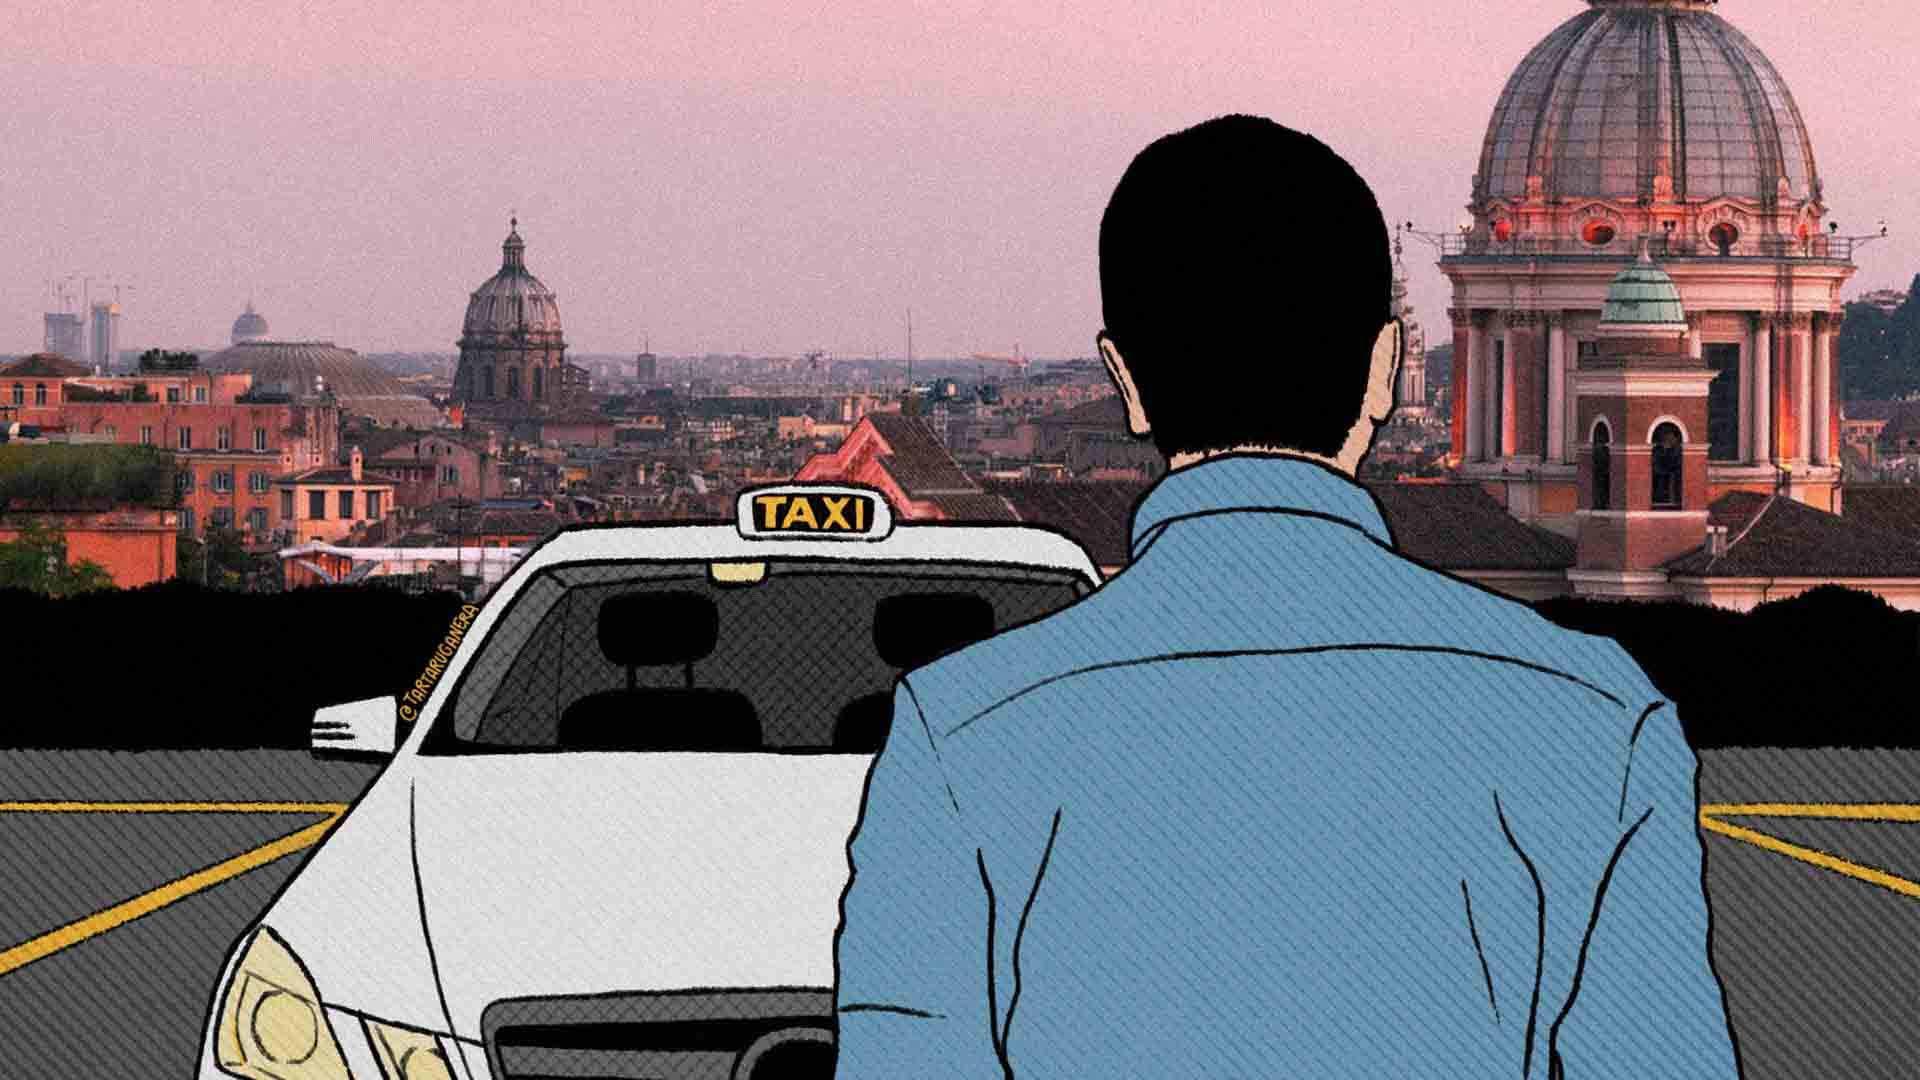 Sono un tassista e vi racconto la crisi del covid